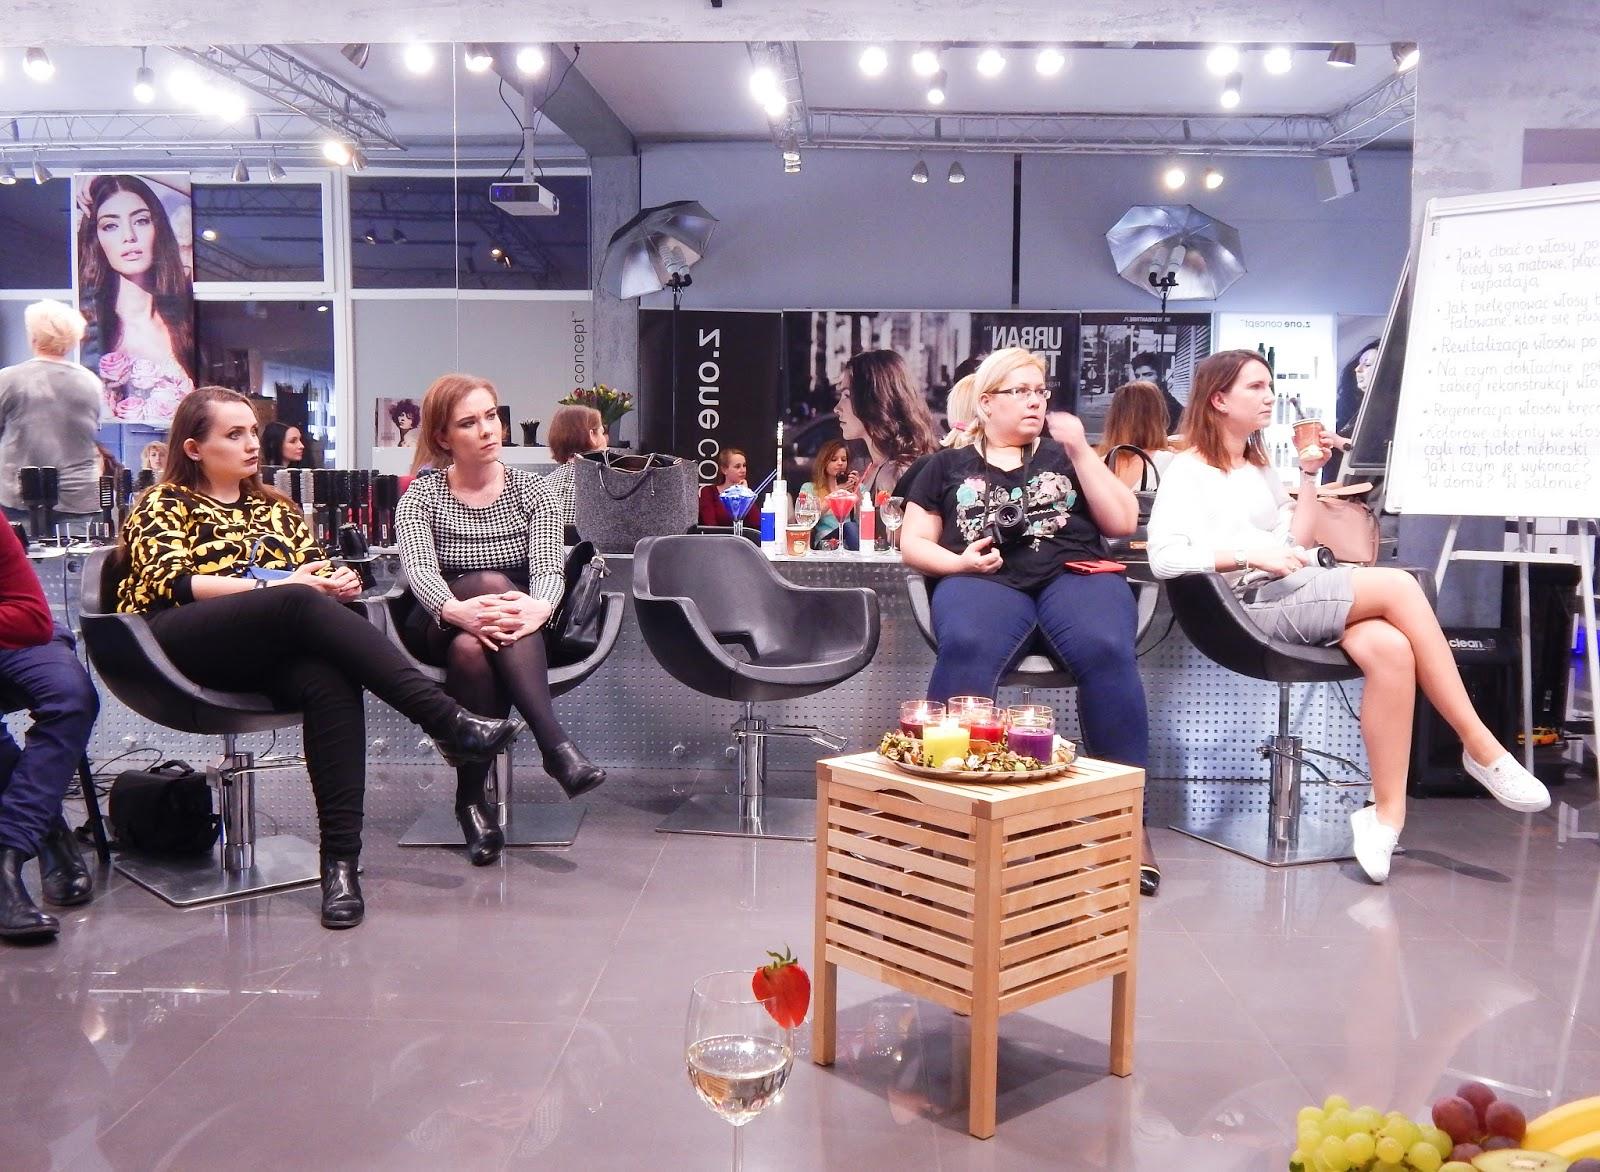 1 relacja spotkanie blogerek akademia z.one concept łódź szkolenia dla fryzjerów akademia fryzjerska koloryzacja melodylaniella jak dbać o włosy pielęgnacja koloryzacja włosów